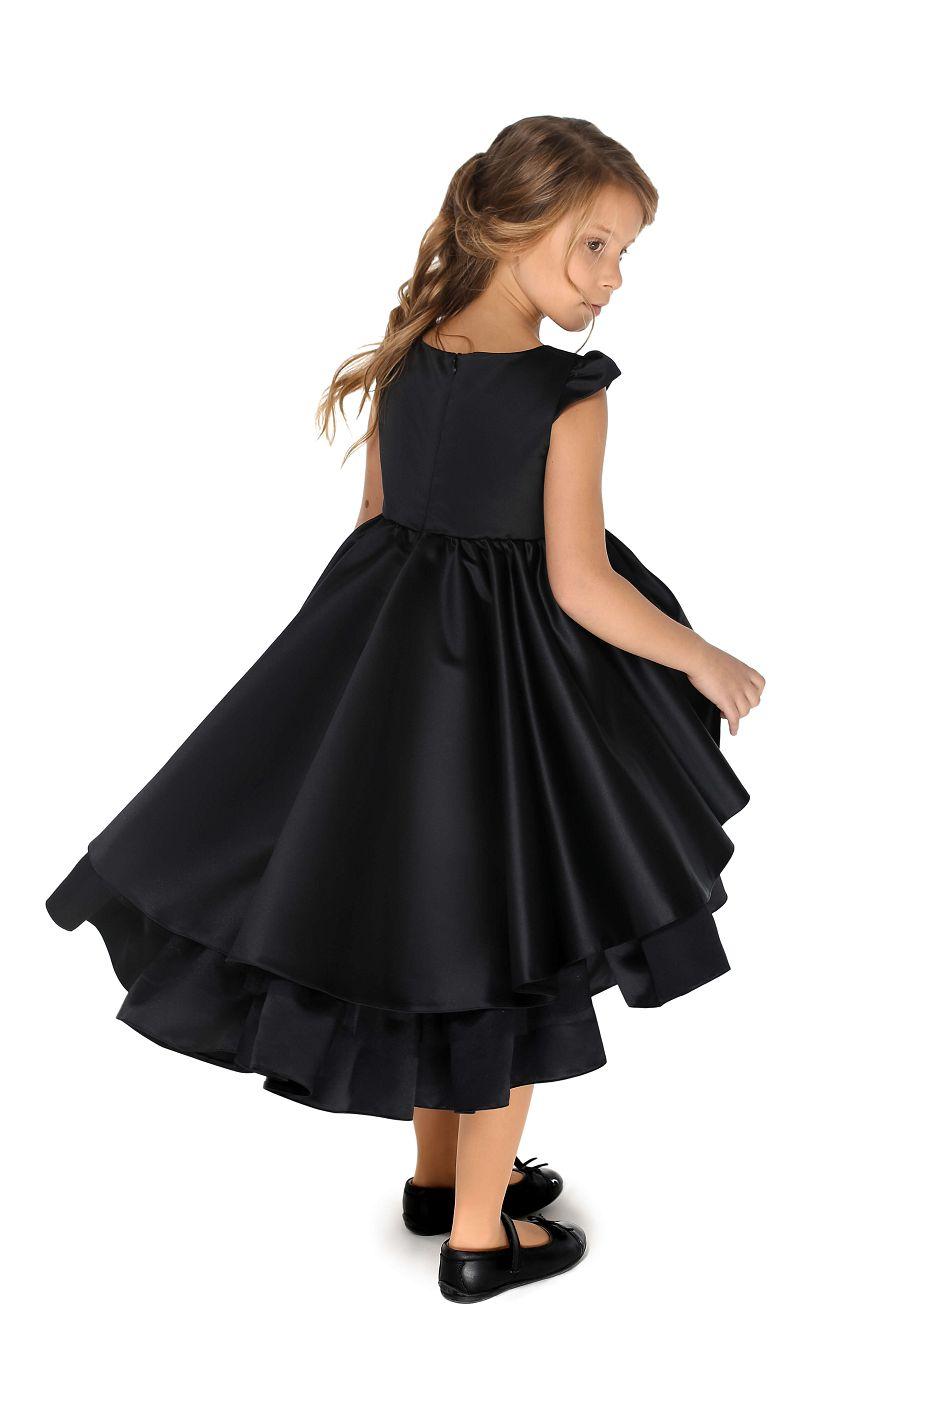 Нарядное платье на девочку черного цвета